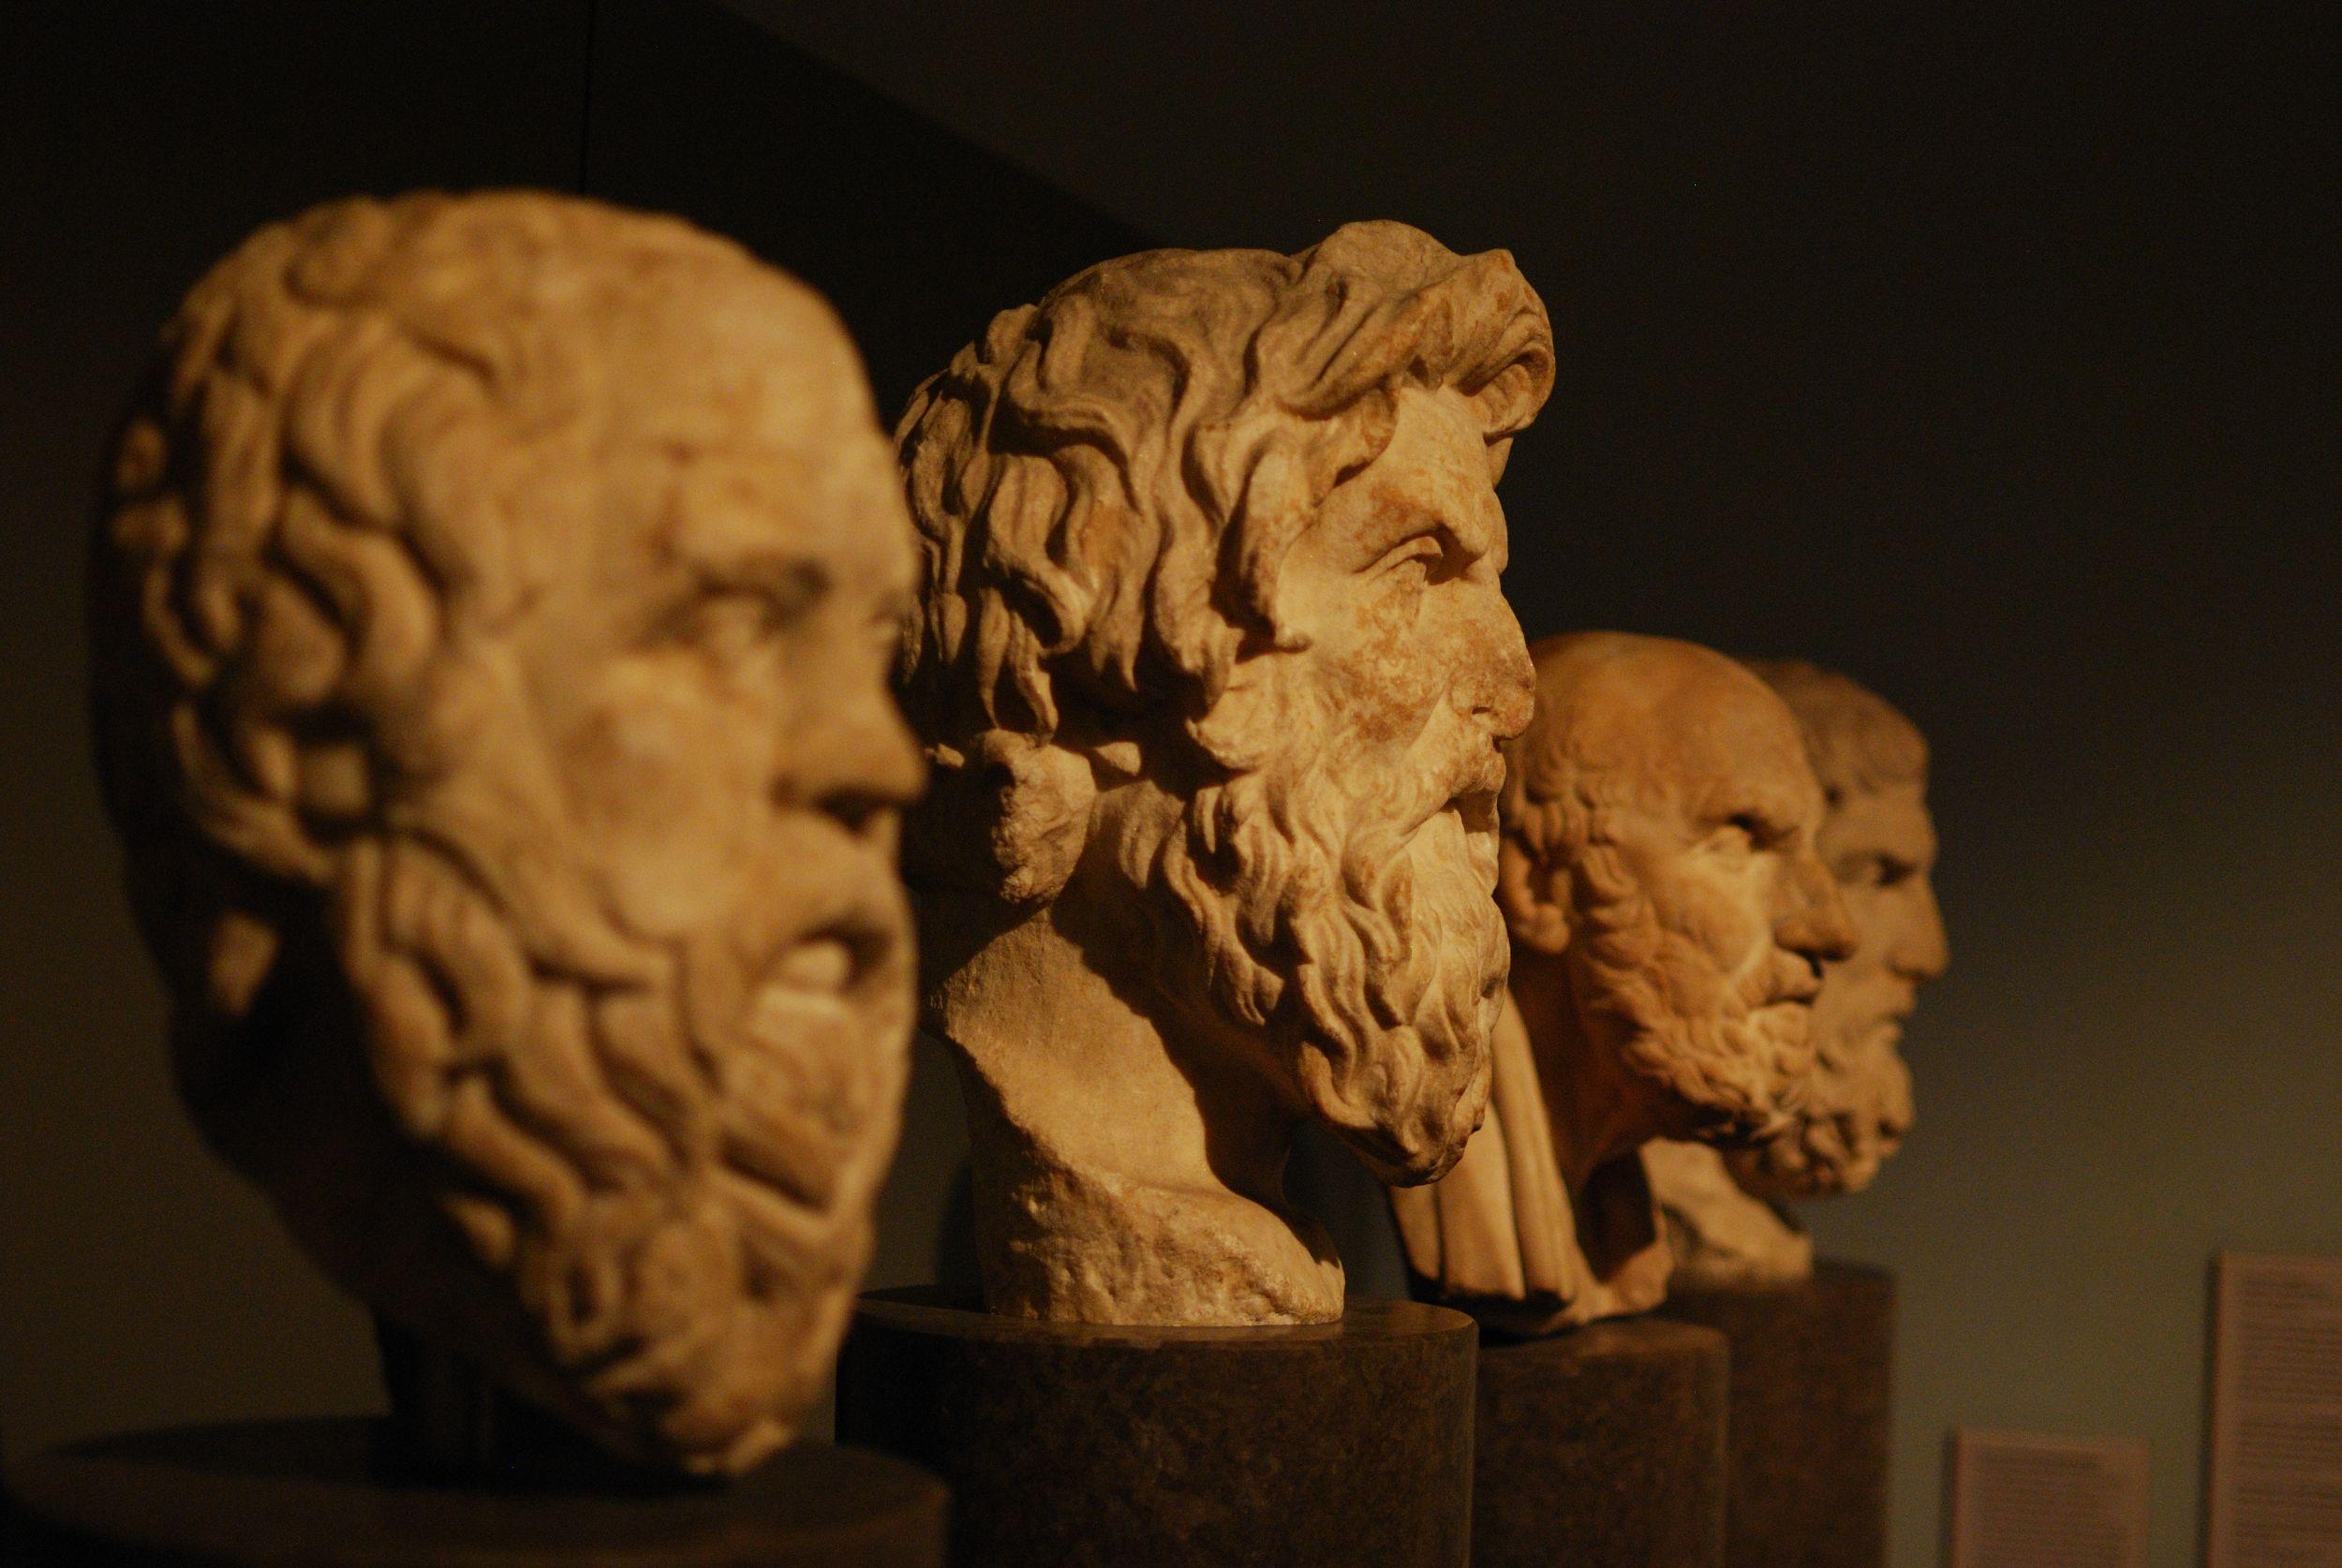 aristotle, constantinopol, dante, plato, qwelly, socratis, აკადემია, ალიგიერი, არისტოტელე, აქვინელი, აღორძინება, ბოკაჩო, განათლება, დანტე, დონატელო, თომა, იოანე, კონსტანტინოპოლი, ნეოპლატონიზმი, პეტრარკა, პეტრიწი, პლატონი, პლოტინი, პროკლე, რაფაელი, სოკრატე, ტრაინე, ფილოსოფია, ფლორენცია, ფრანჩესკო, ჯოტო